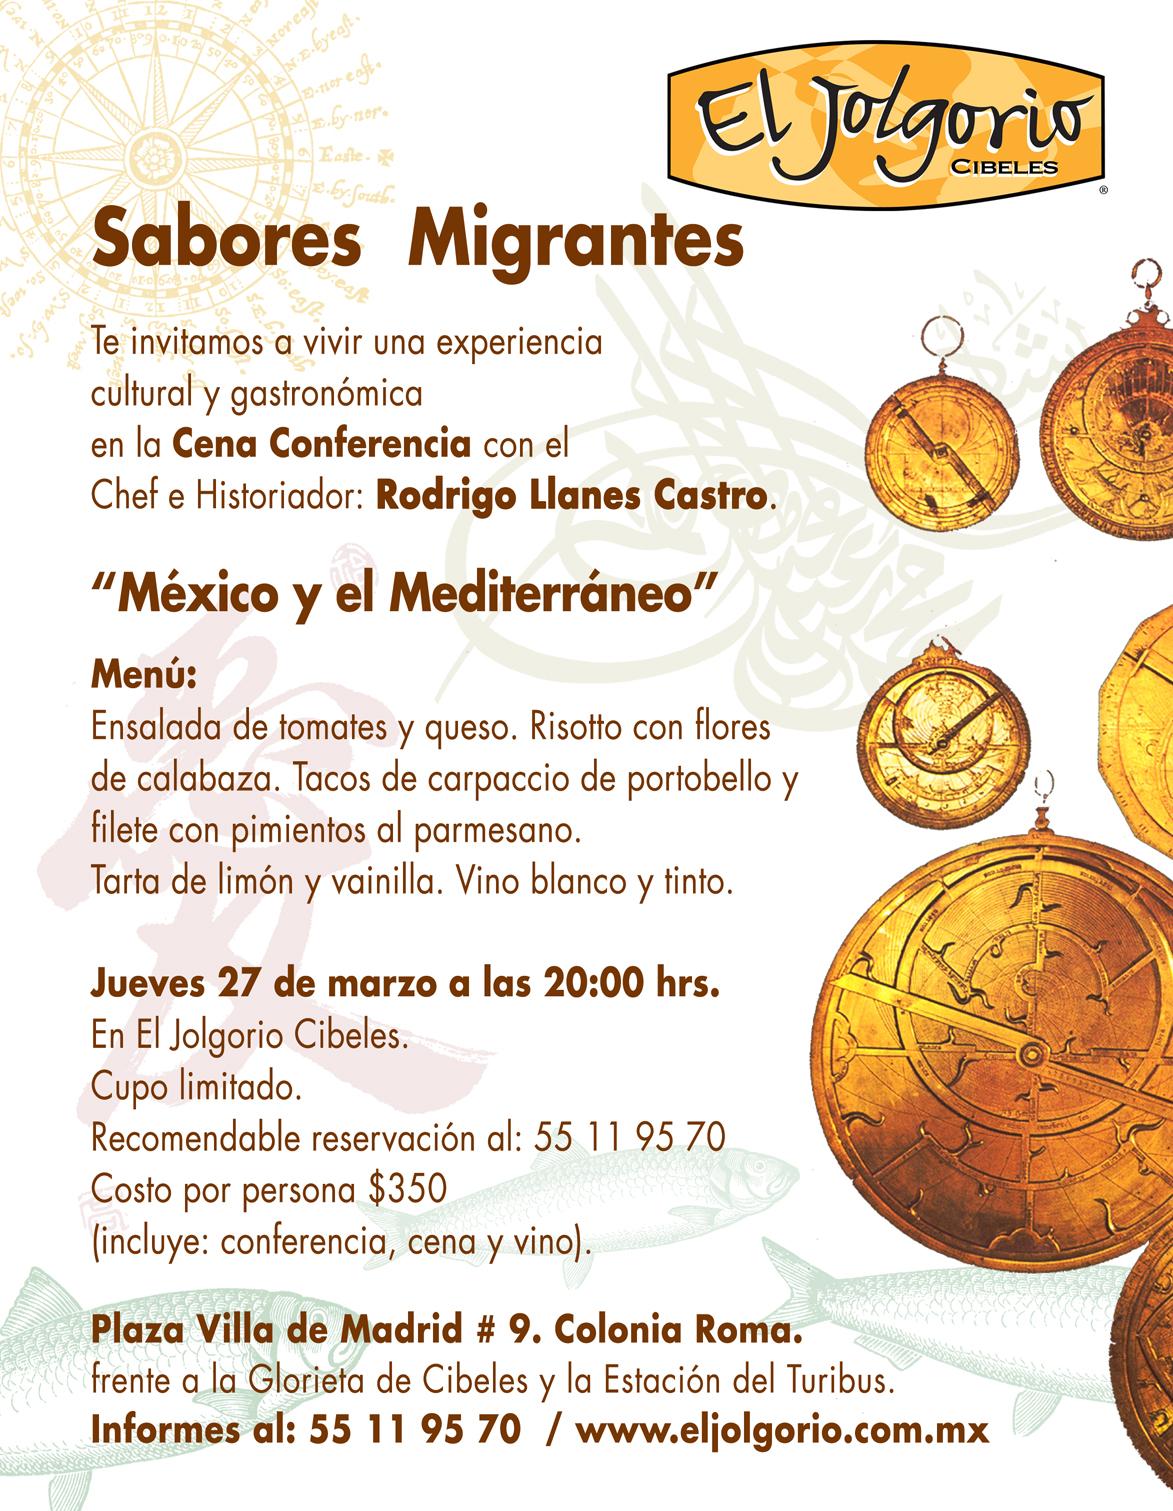 Sabores-Migrantes-5